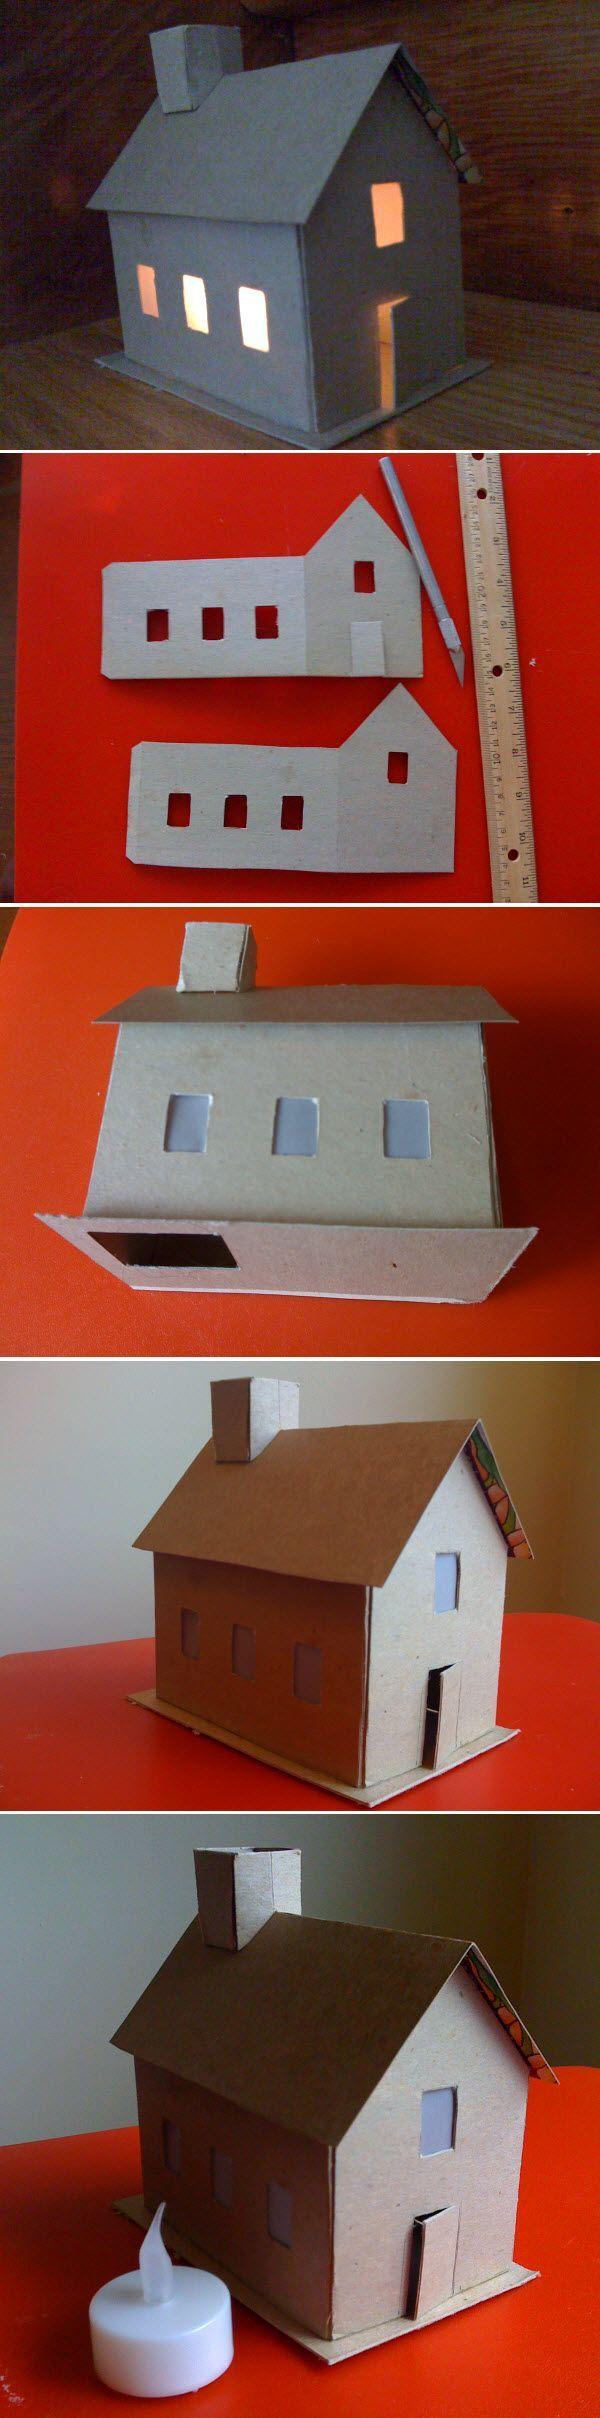 17 meilleures id es propos de maquette sur pinterest for Construire une maison en pierre